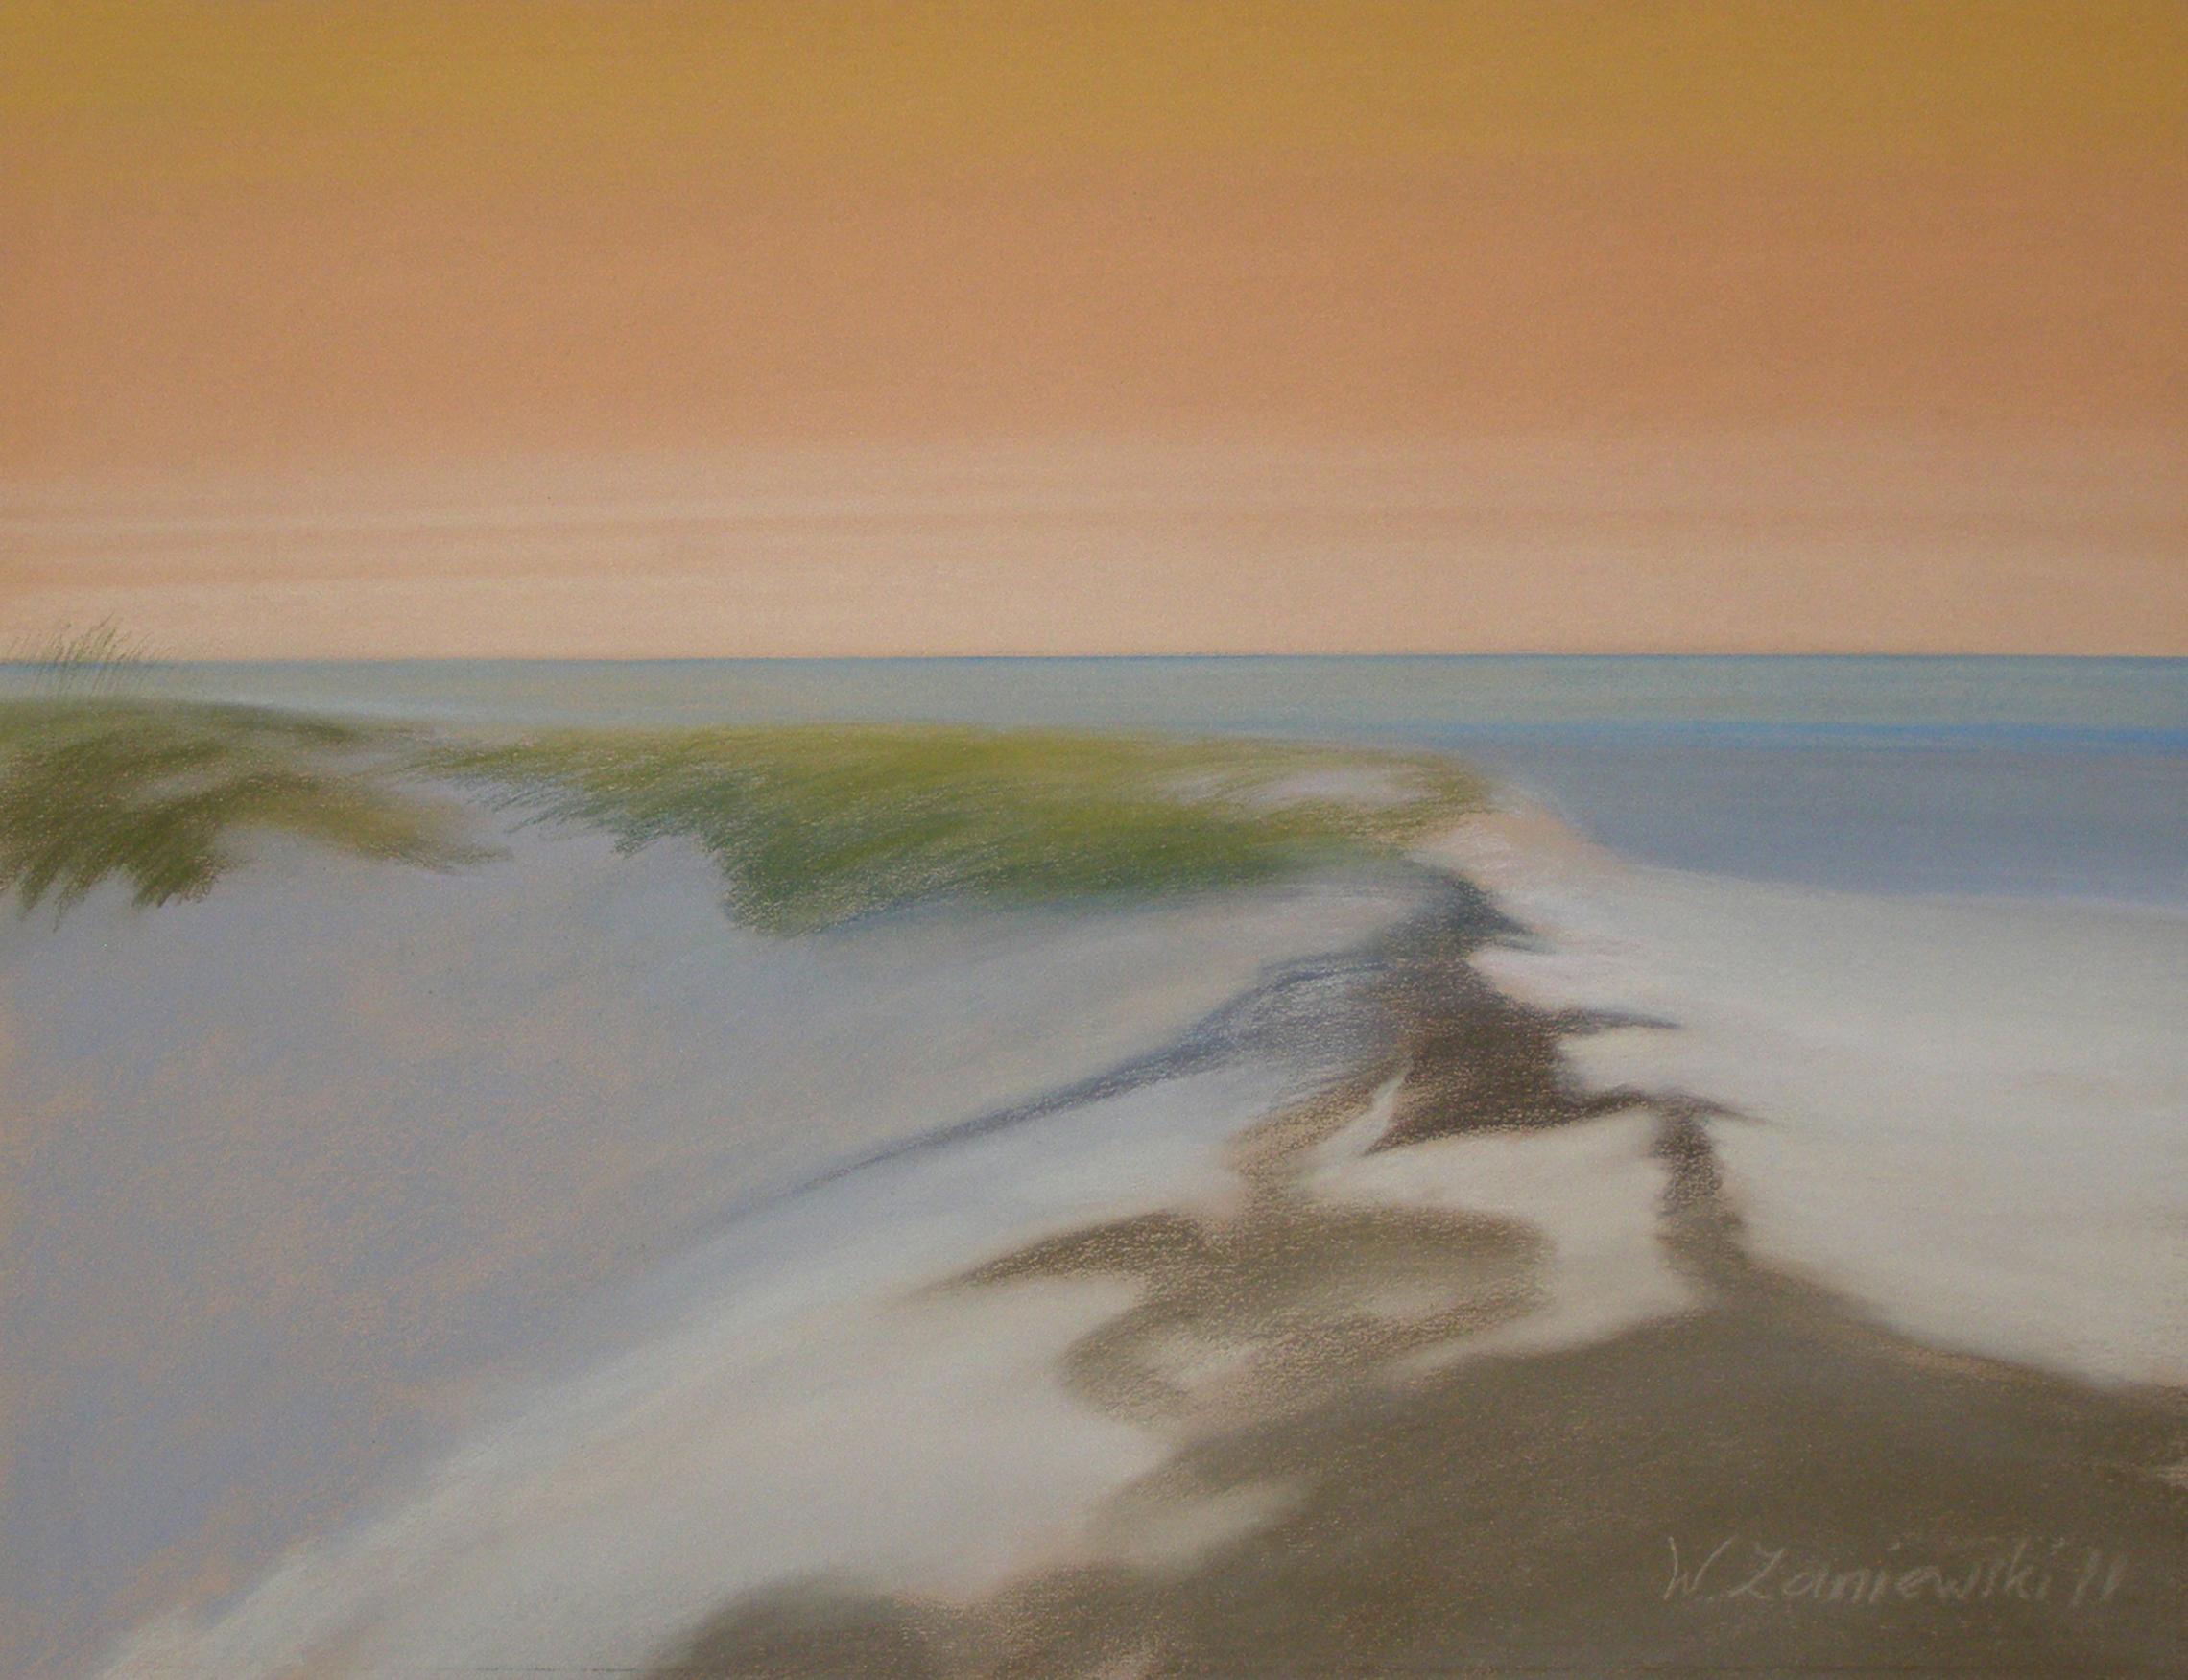 Pastel - z cyklu Wydmy 2011, 49 x 64 cm